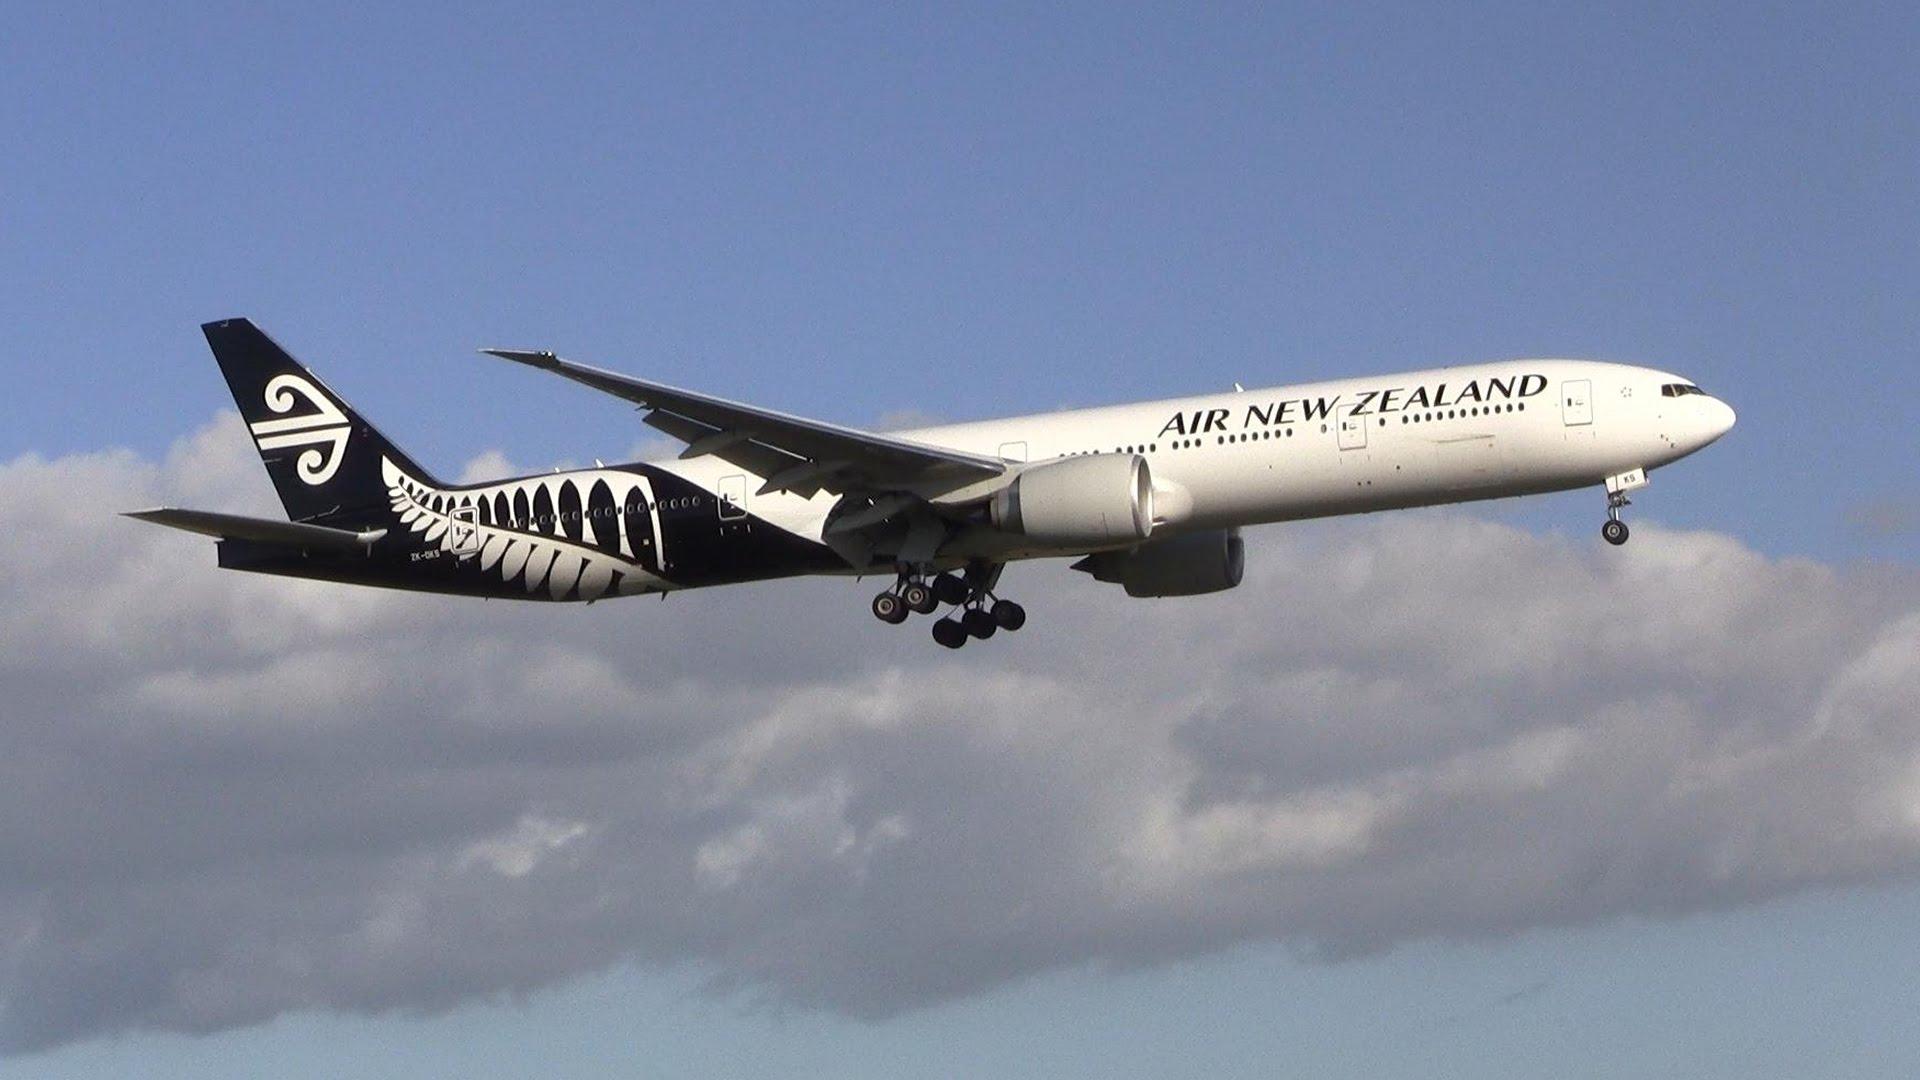 Air NEw Zealand Boeing 777-319ER. Photo Credit: Aviation NLNZ